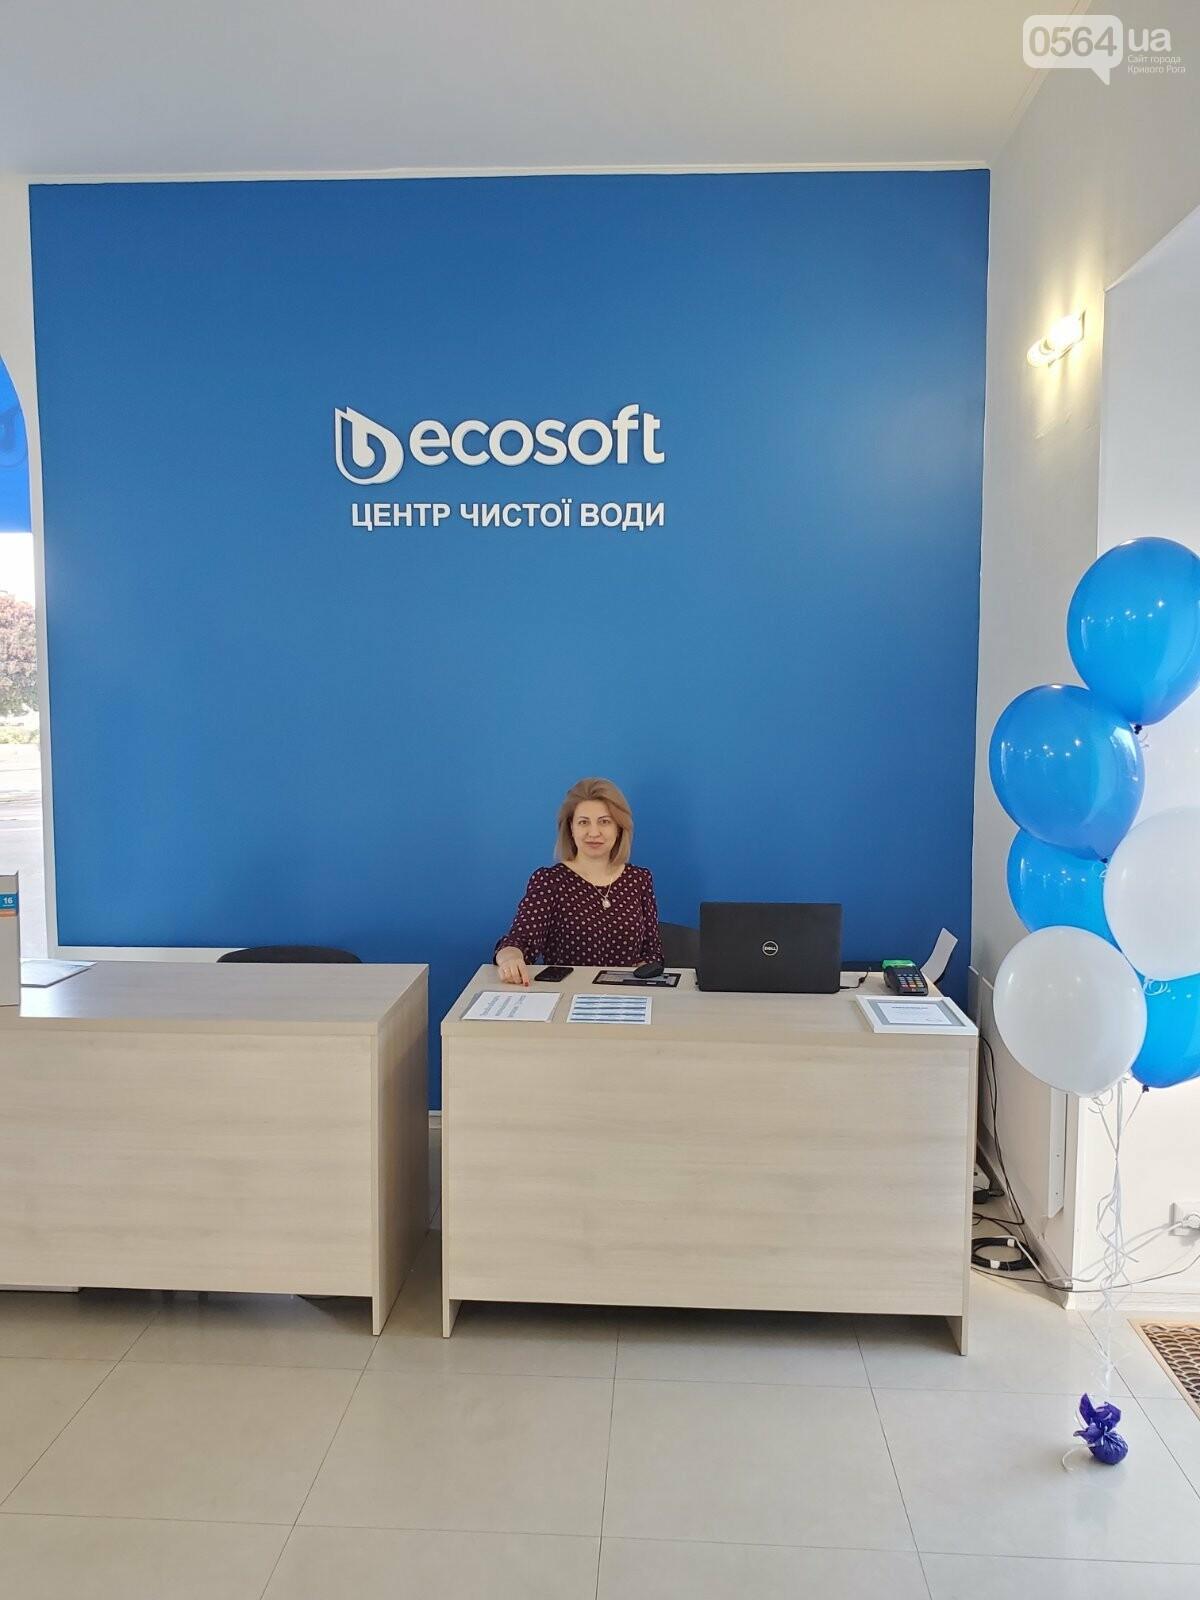 В Кривом Роге открылся фирменный магазин Ecosoft – признанного лидера по производству и продаже фильтров в Украине, фото-2